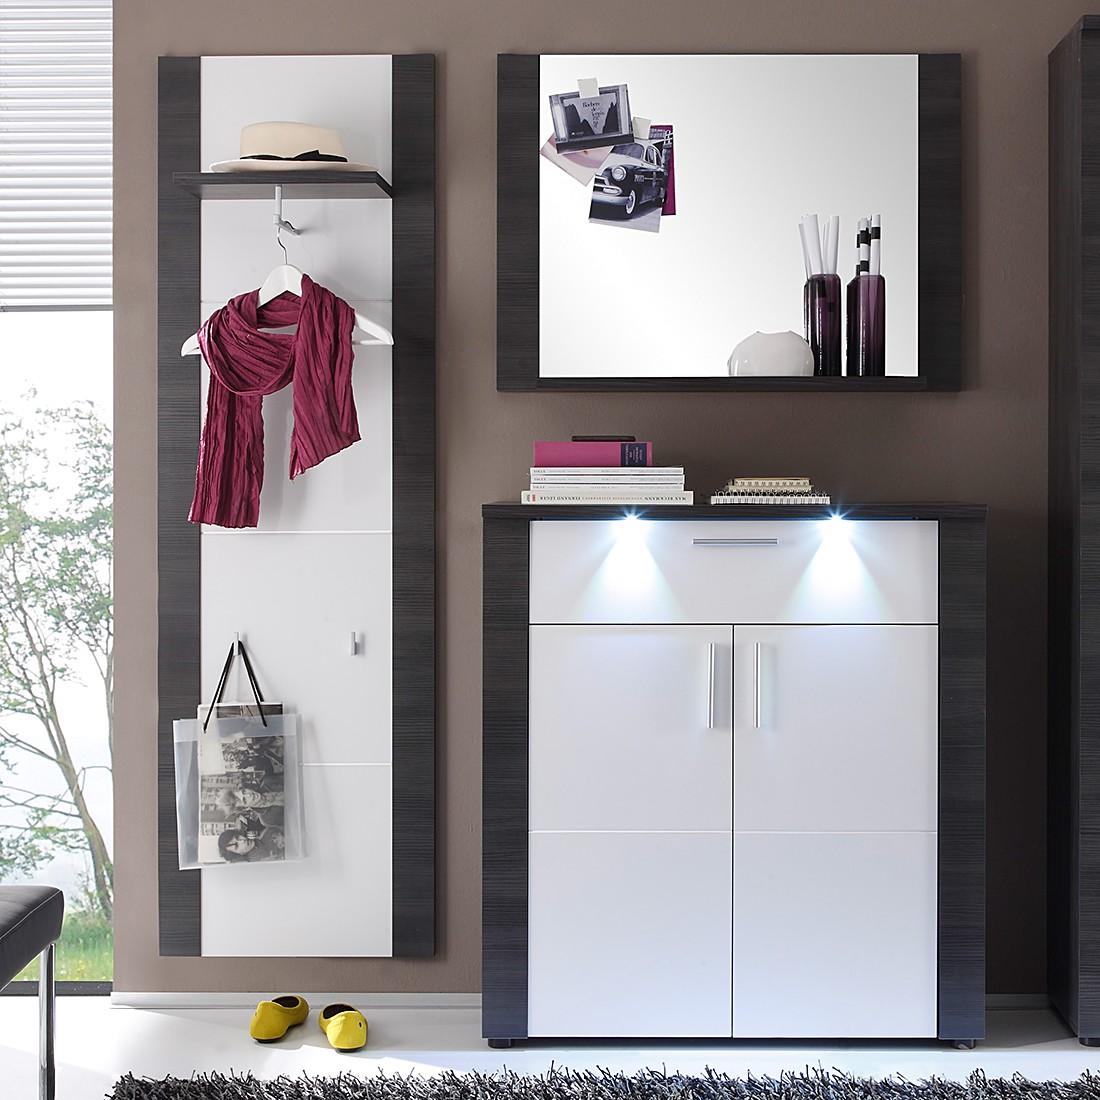 energie  A+, Garderobeset Bigio II (3-delig) - grijze essenhouten look/wit - met verlichting, Fredriks